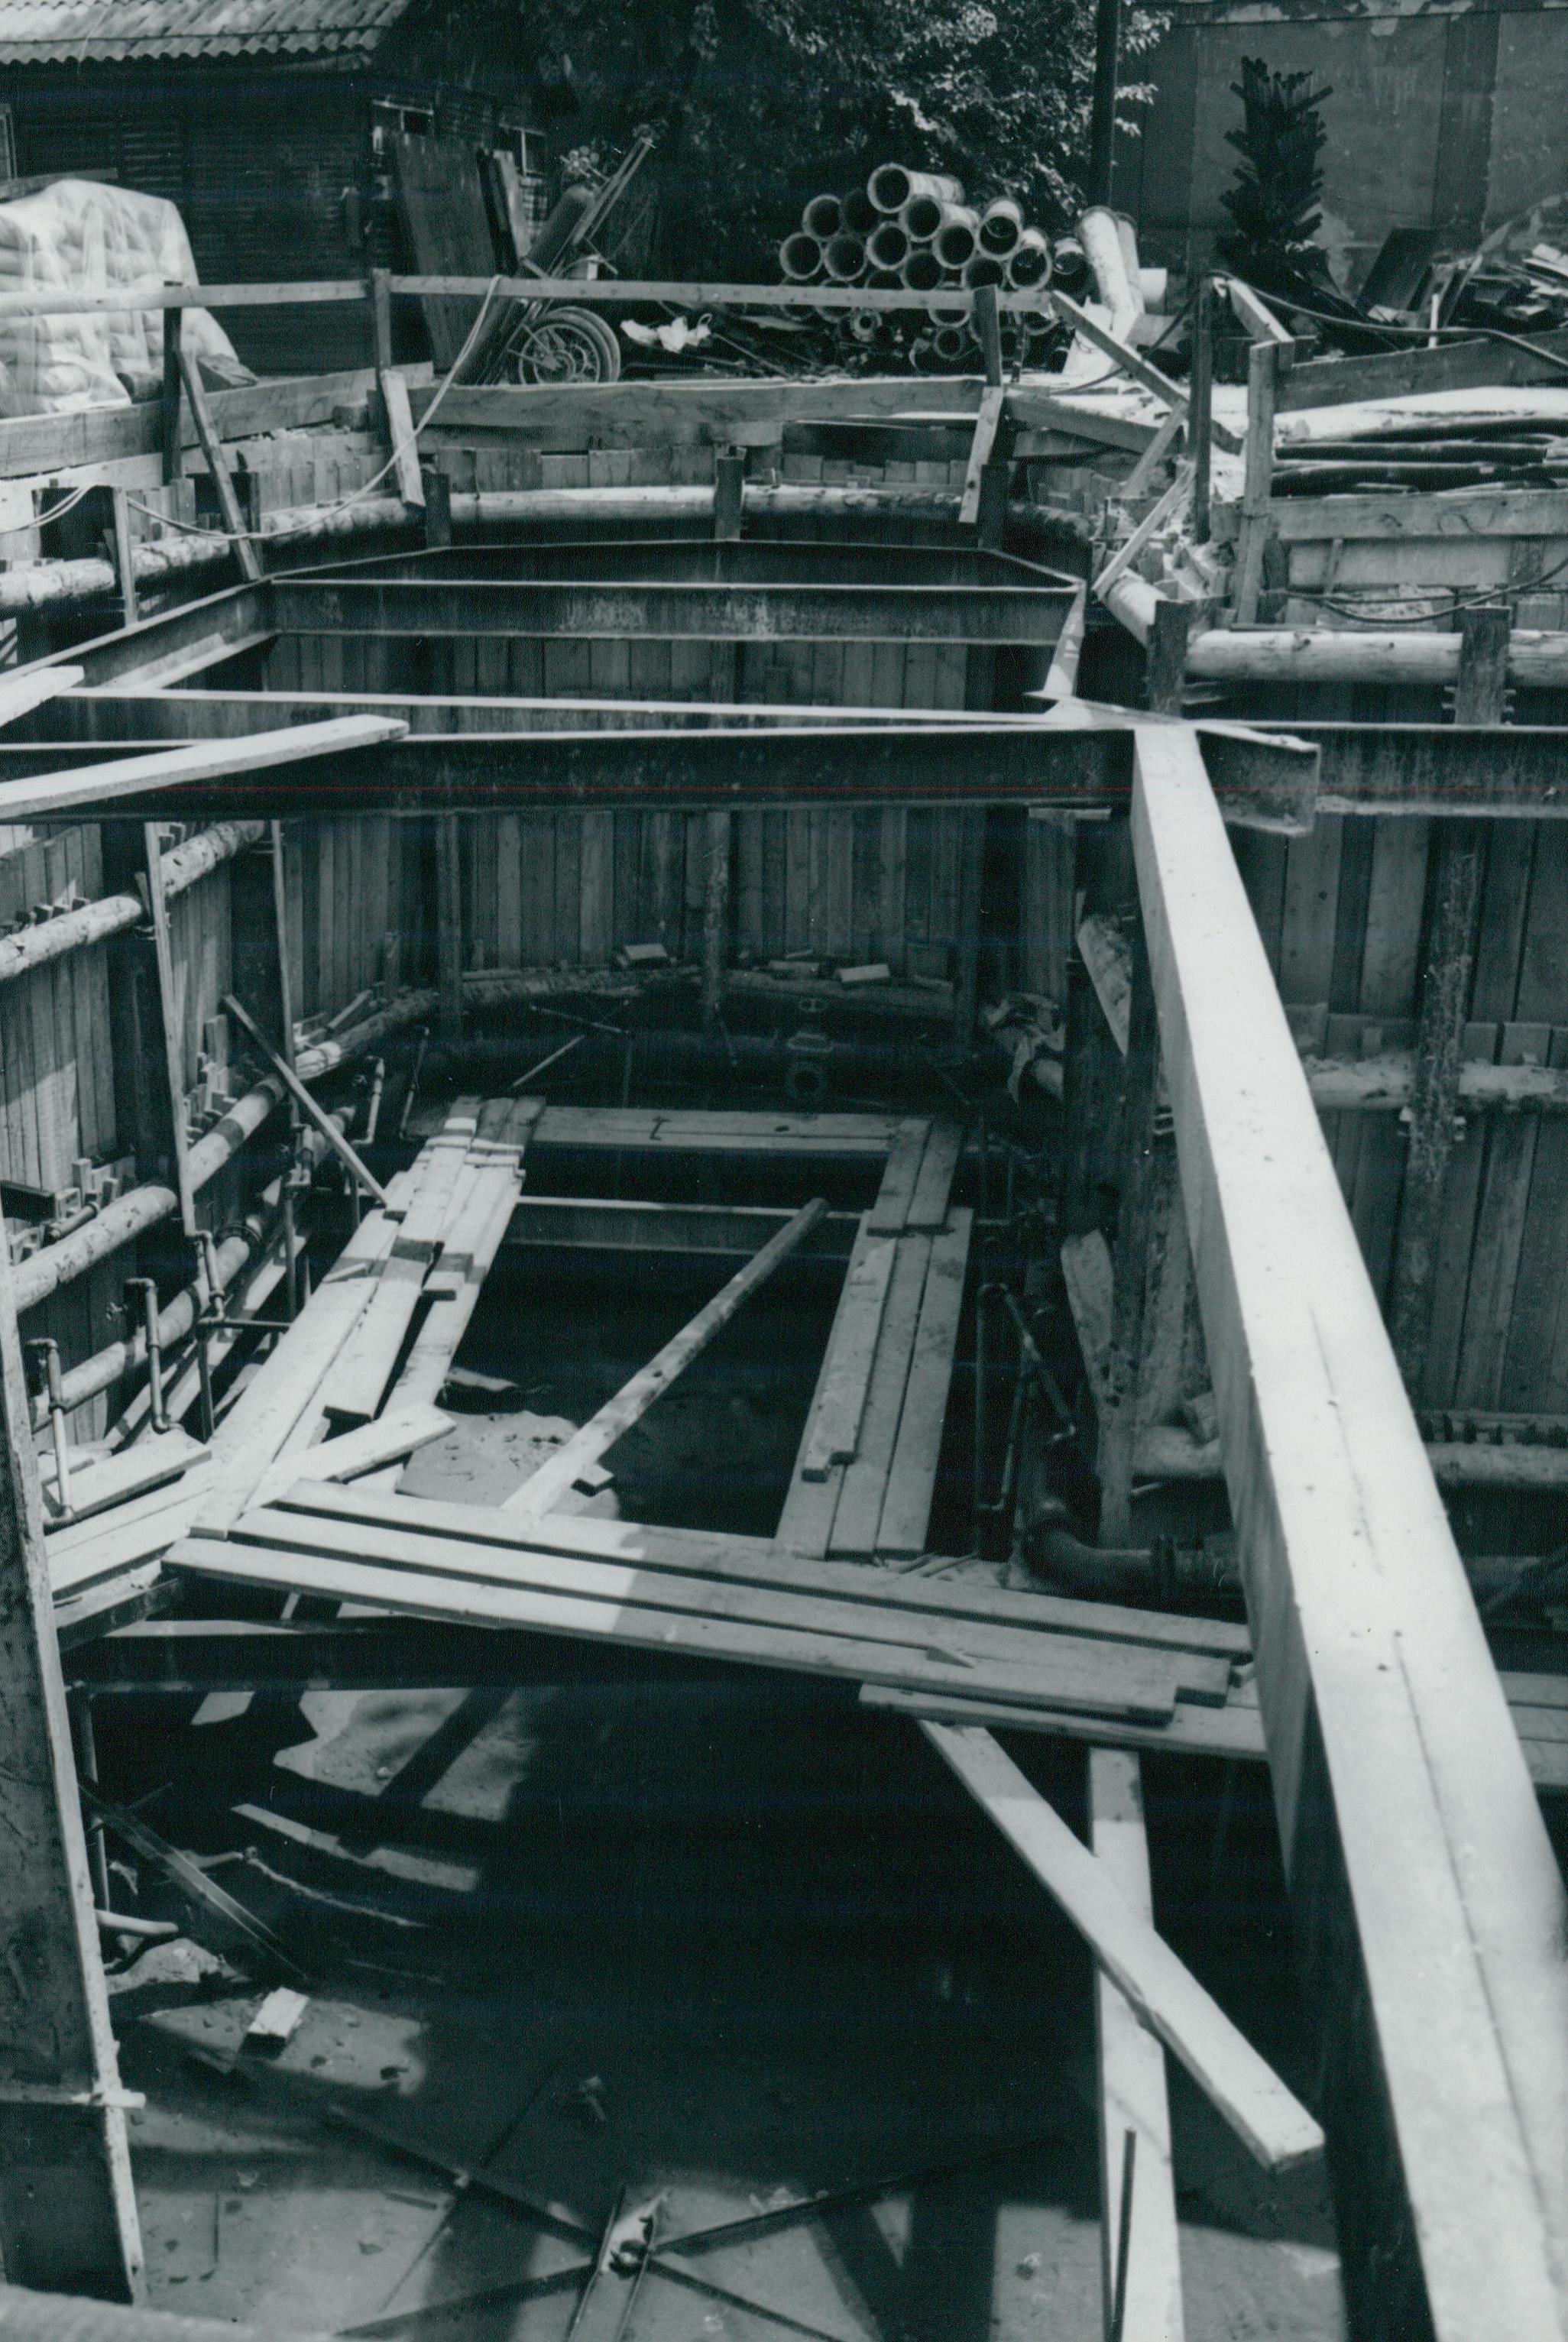 A 3-as metró Markusovszky téri aknájának felszín alatti elhúzása